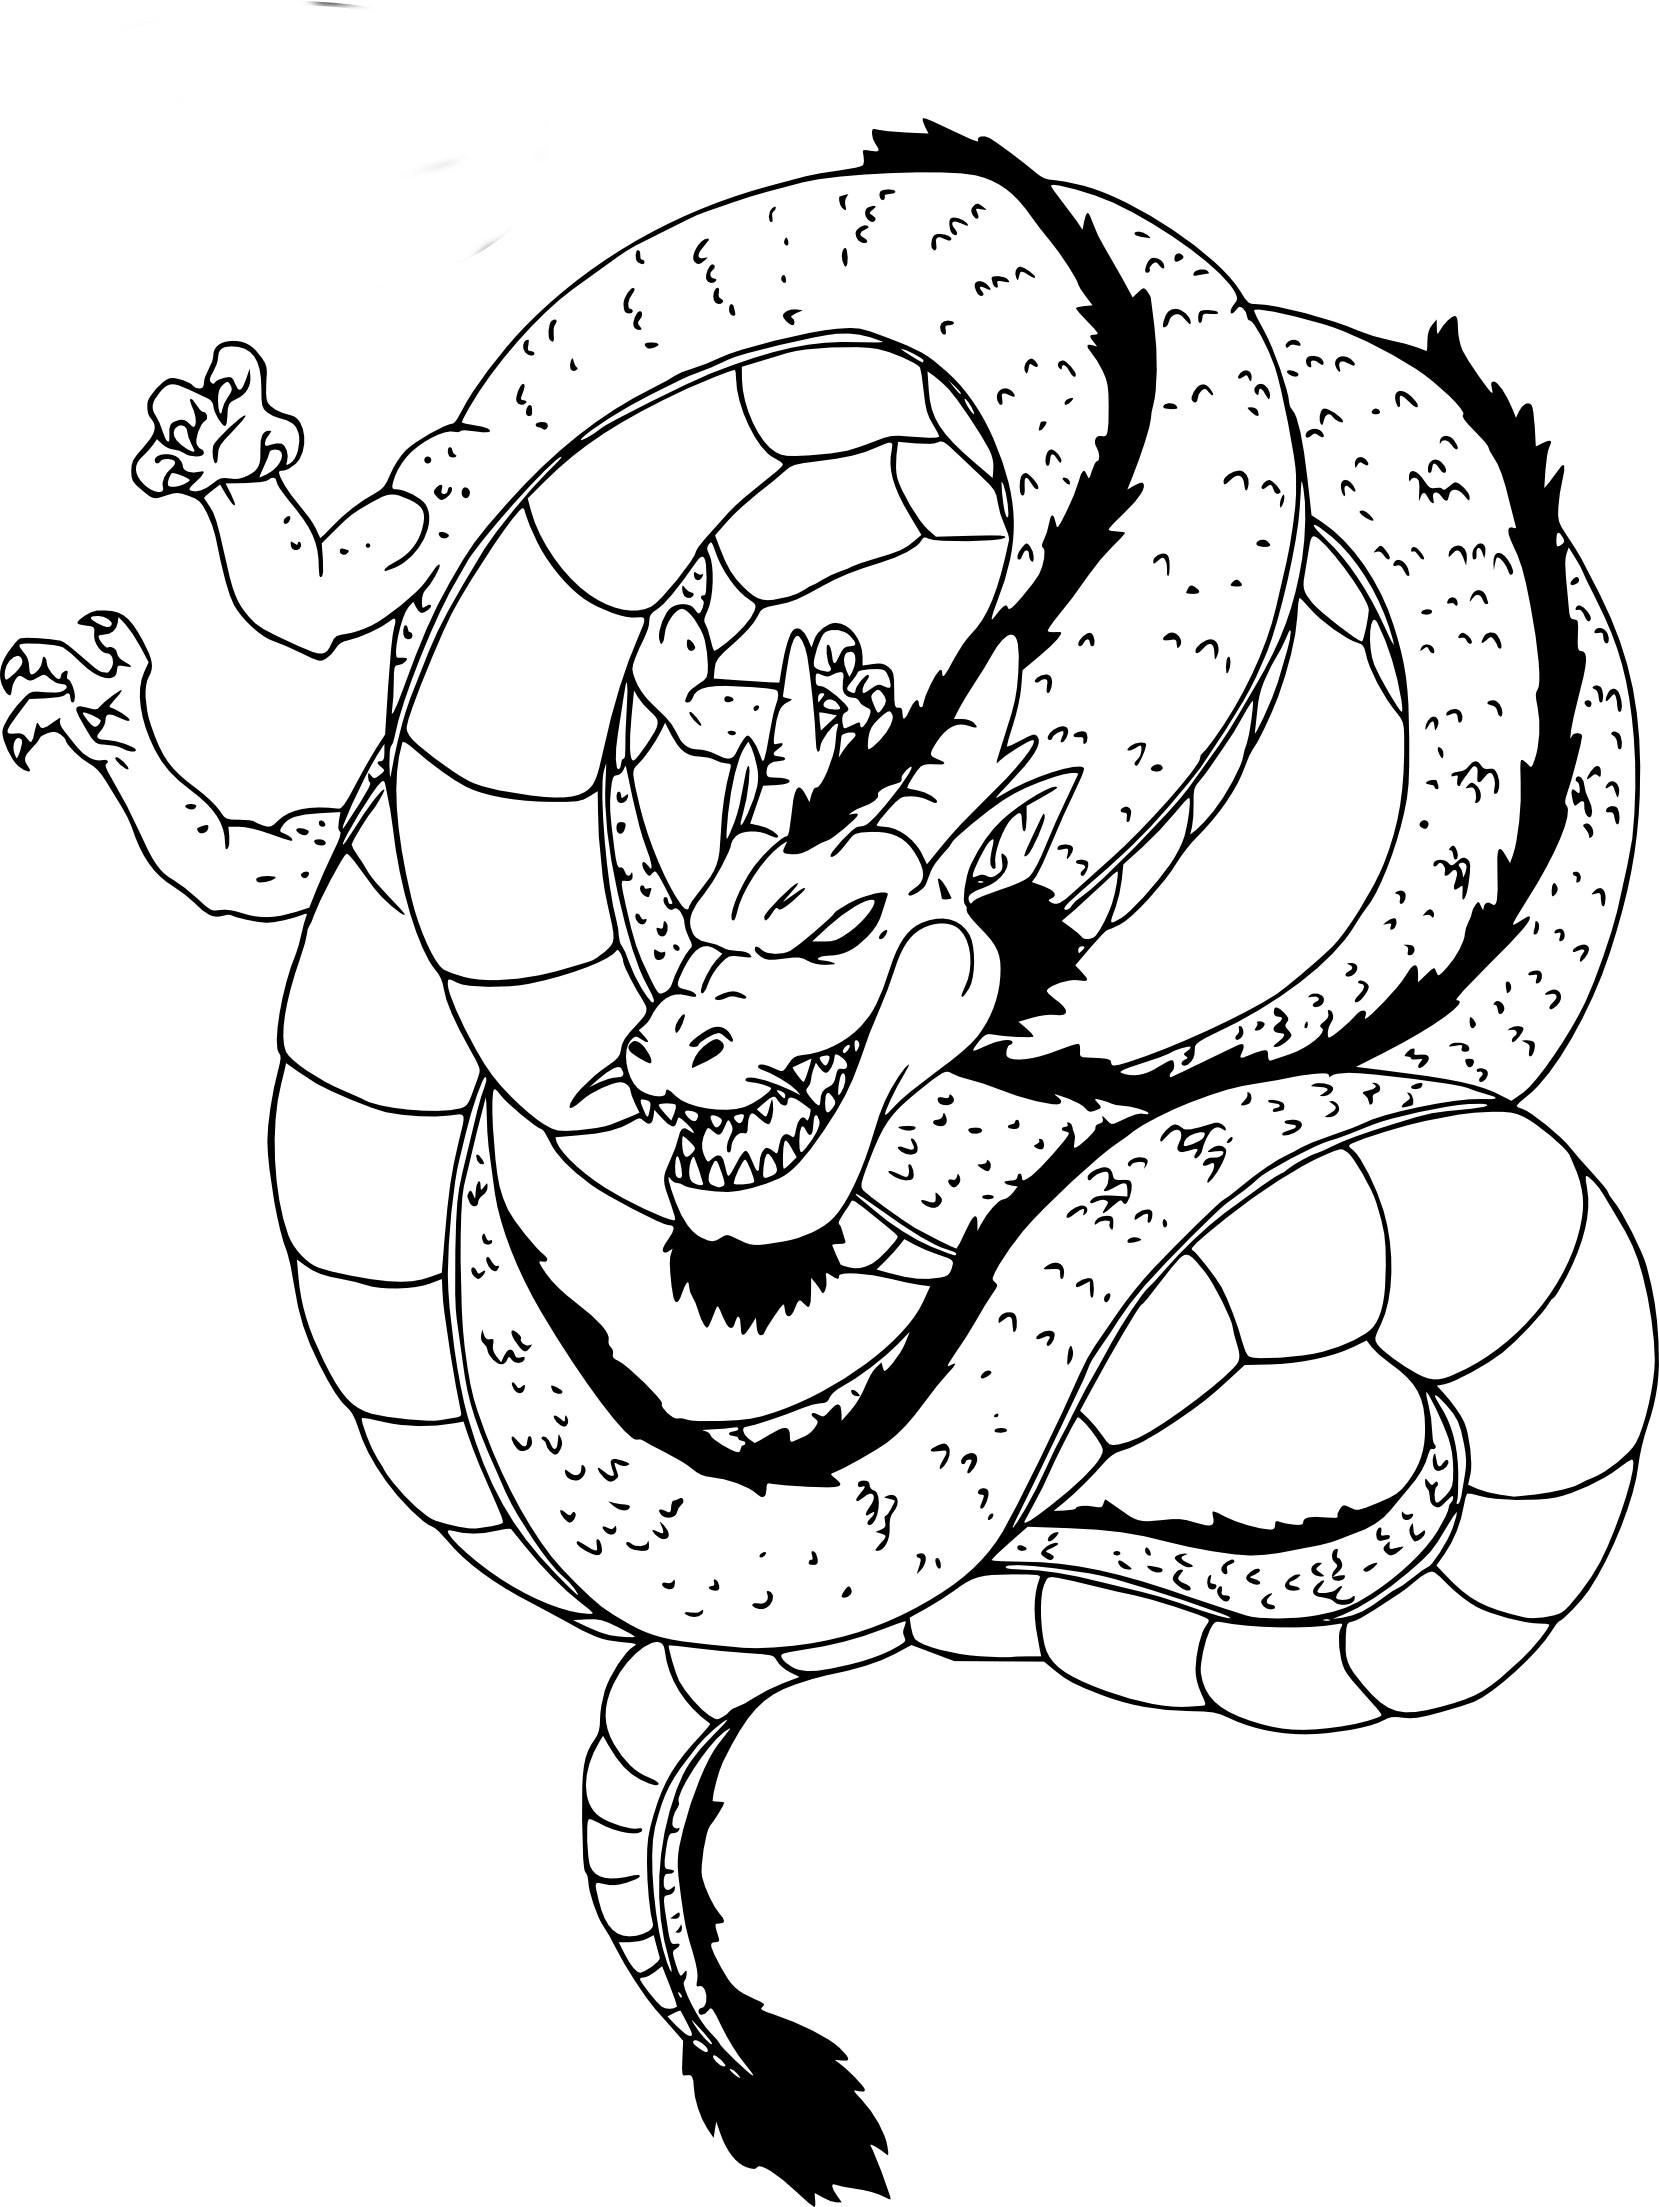 Coloriages à imprimer : Dragon, numéro : 253470c1